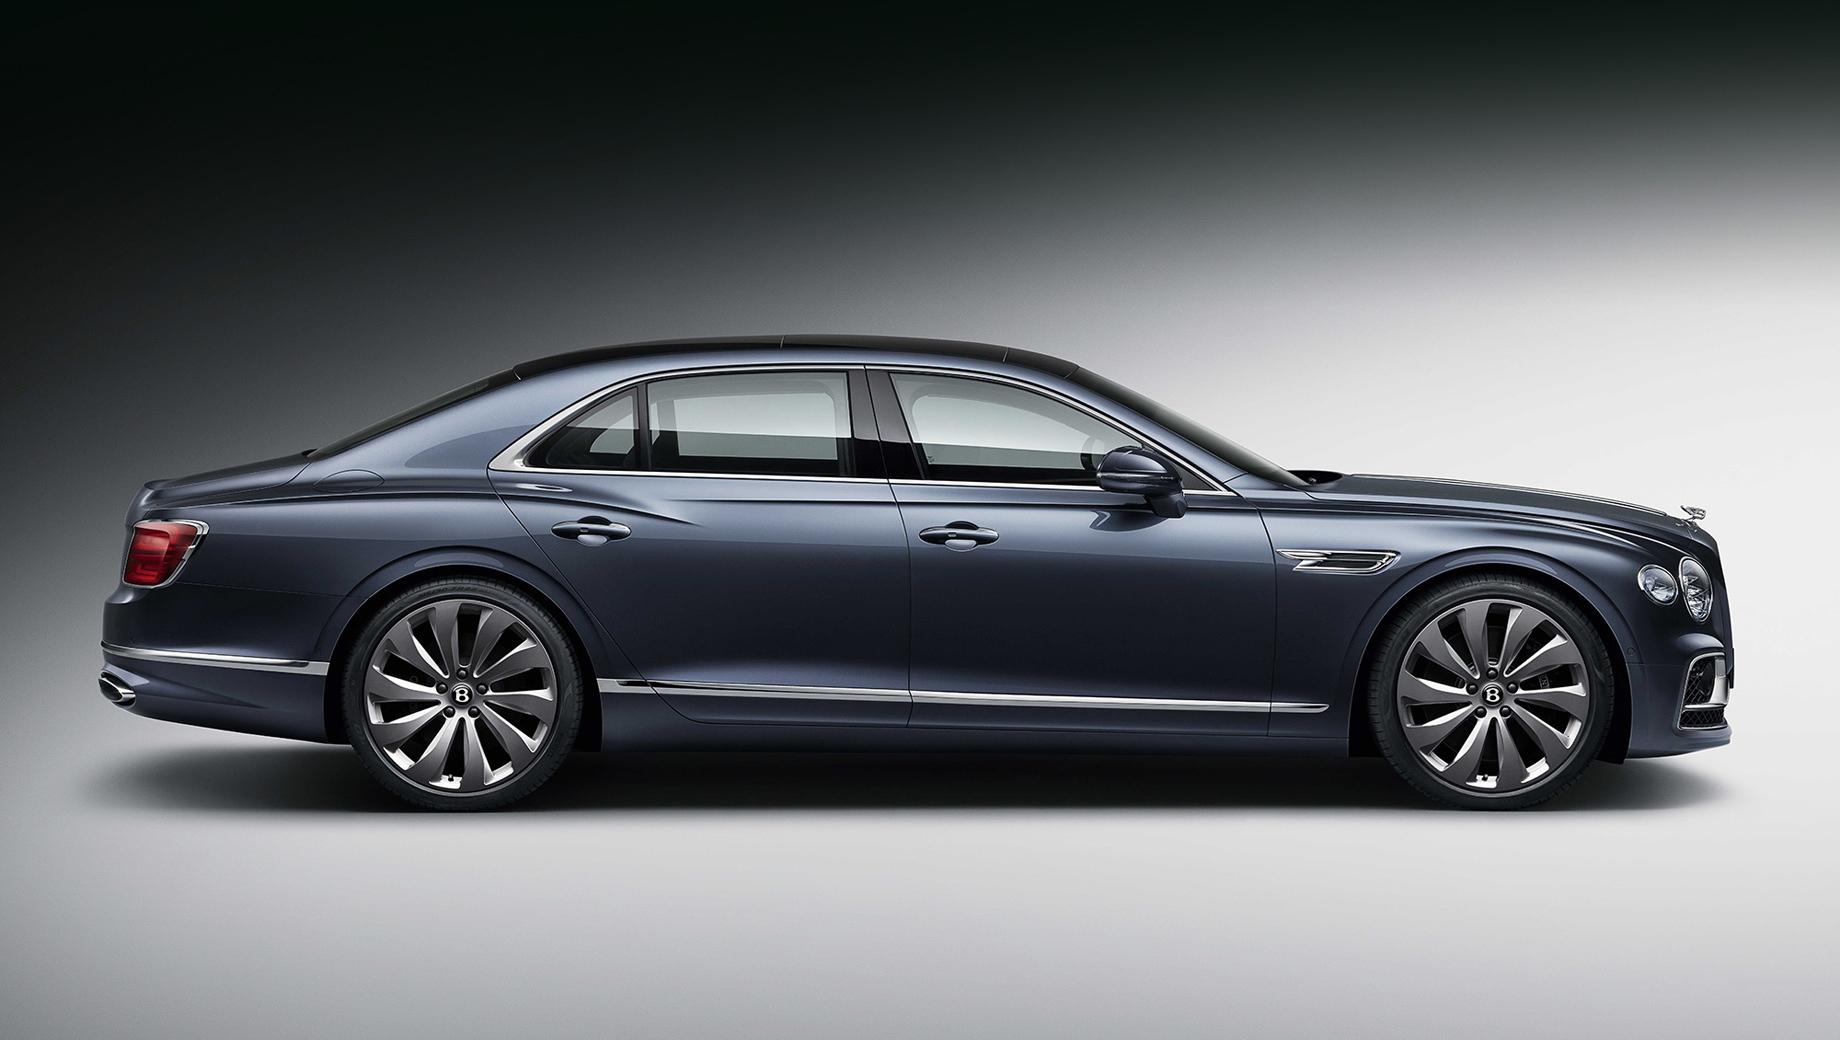 Bentley flying spur,Bentley flying spur speed. Нынешний Flying Spur был представлен прошлым летом. У него мотор W12 6.0 TSI с отдачей в 635 л.с. и 900 Н•м, восьмиступенчатый «робот» с двумя сцеплениями и полный привод.